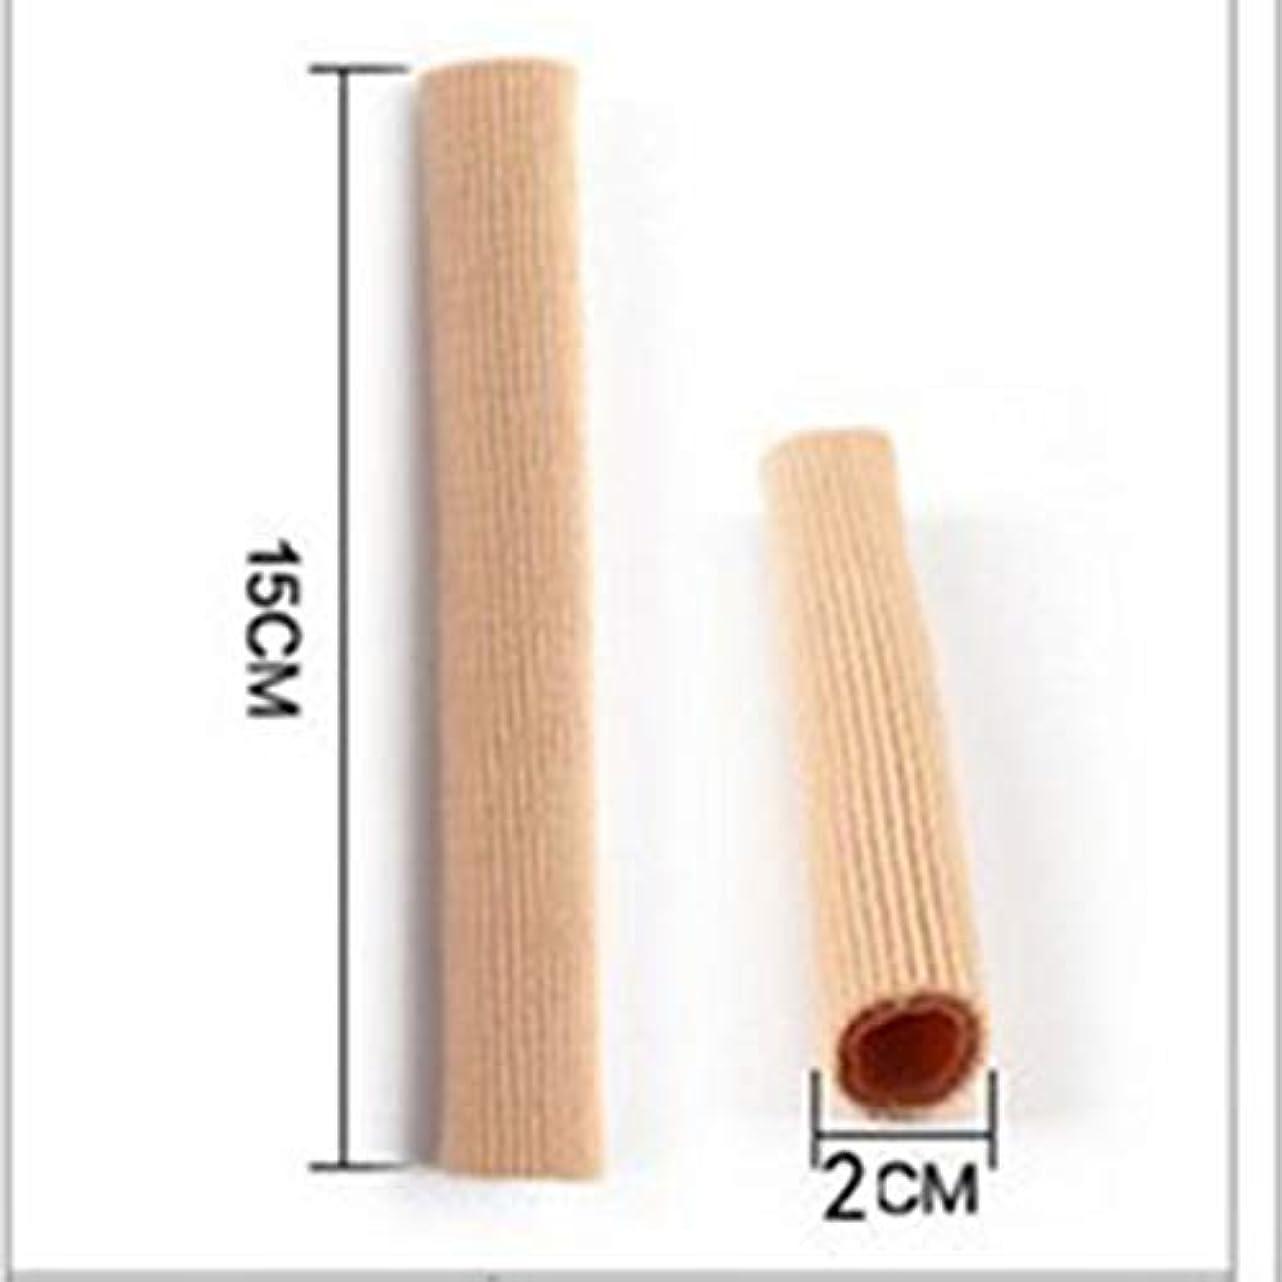 アセンブリマウントバンク預言者Open Toe Tubes Gel Lined Fabric Sleeve Protectors To Prevent Corns, Calluses And Blisters While Softening And...